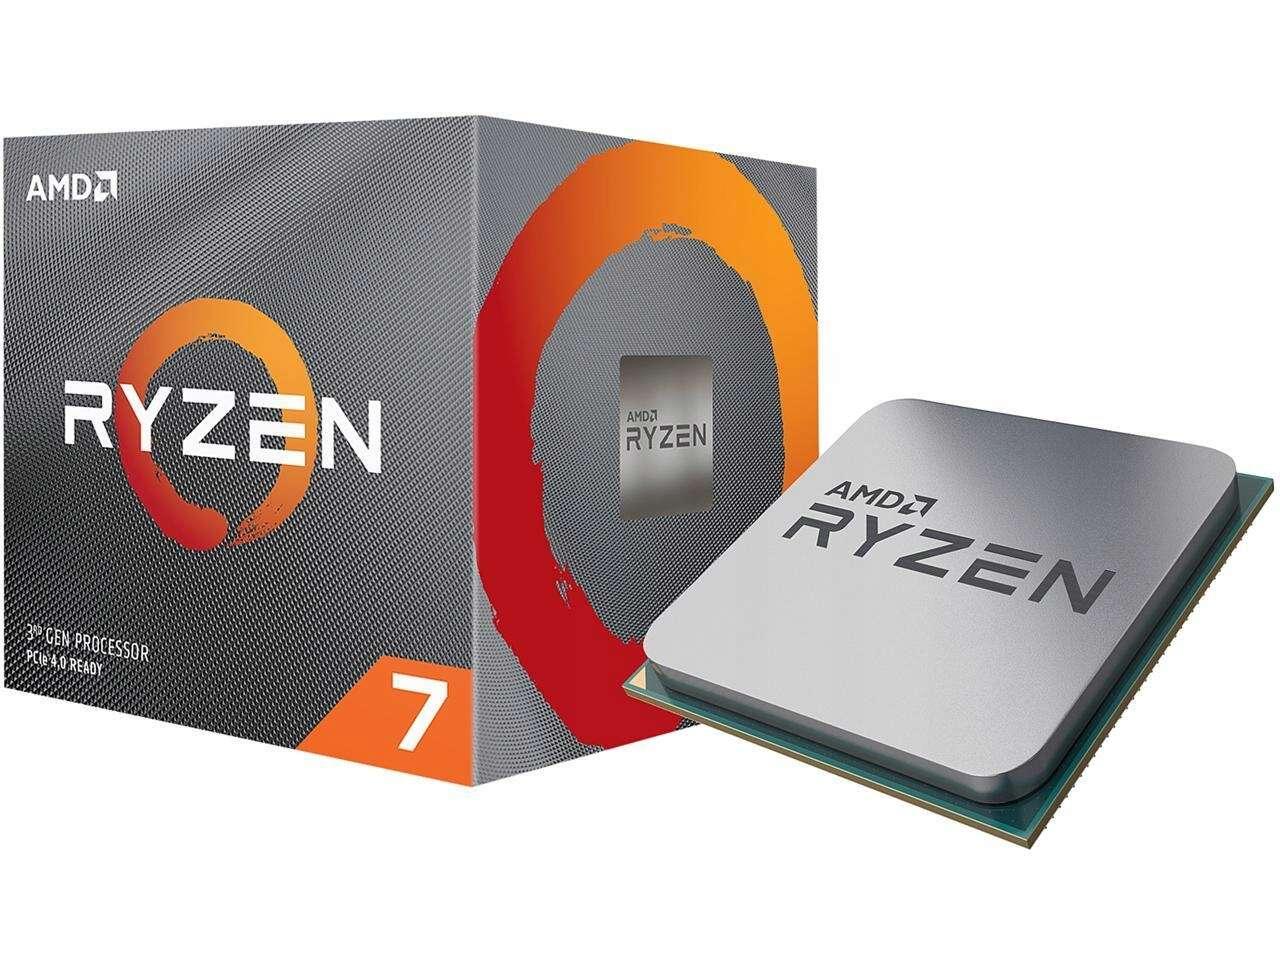 aots AMD Ryzen 7 3800XT, benchmark AMD Ryzen 7 3800XT